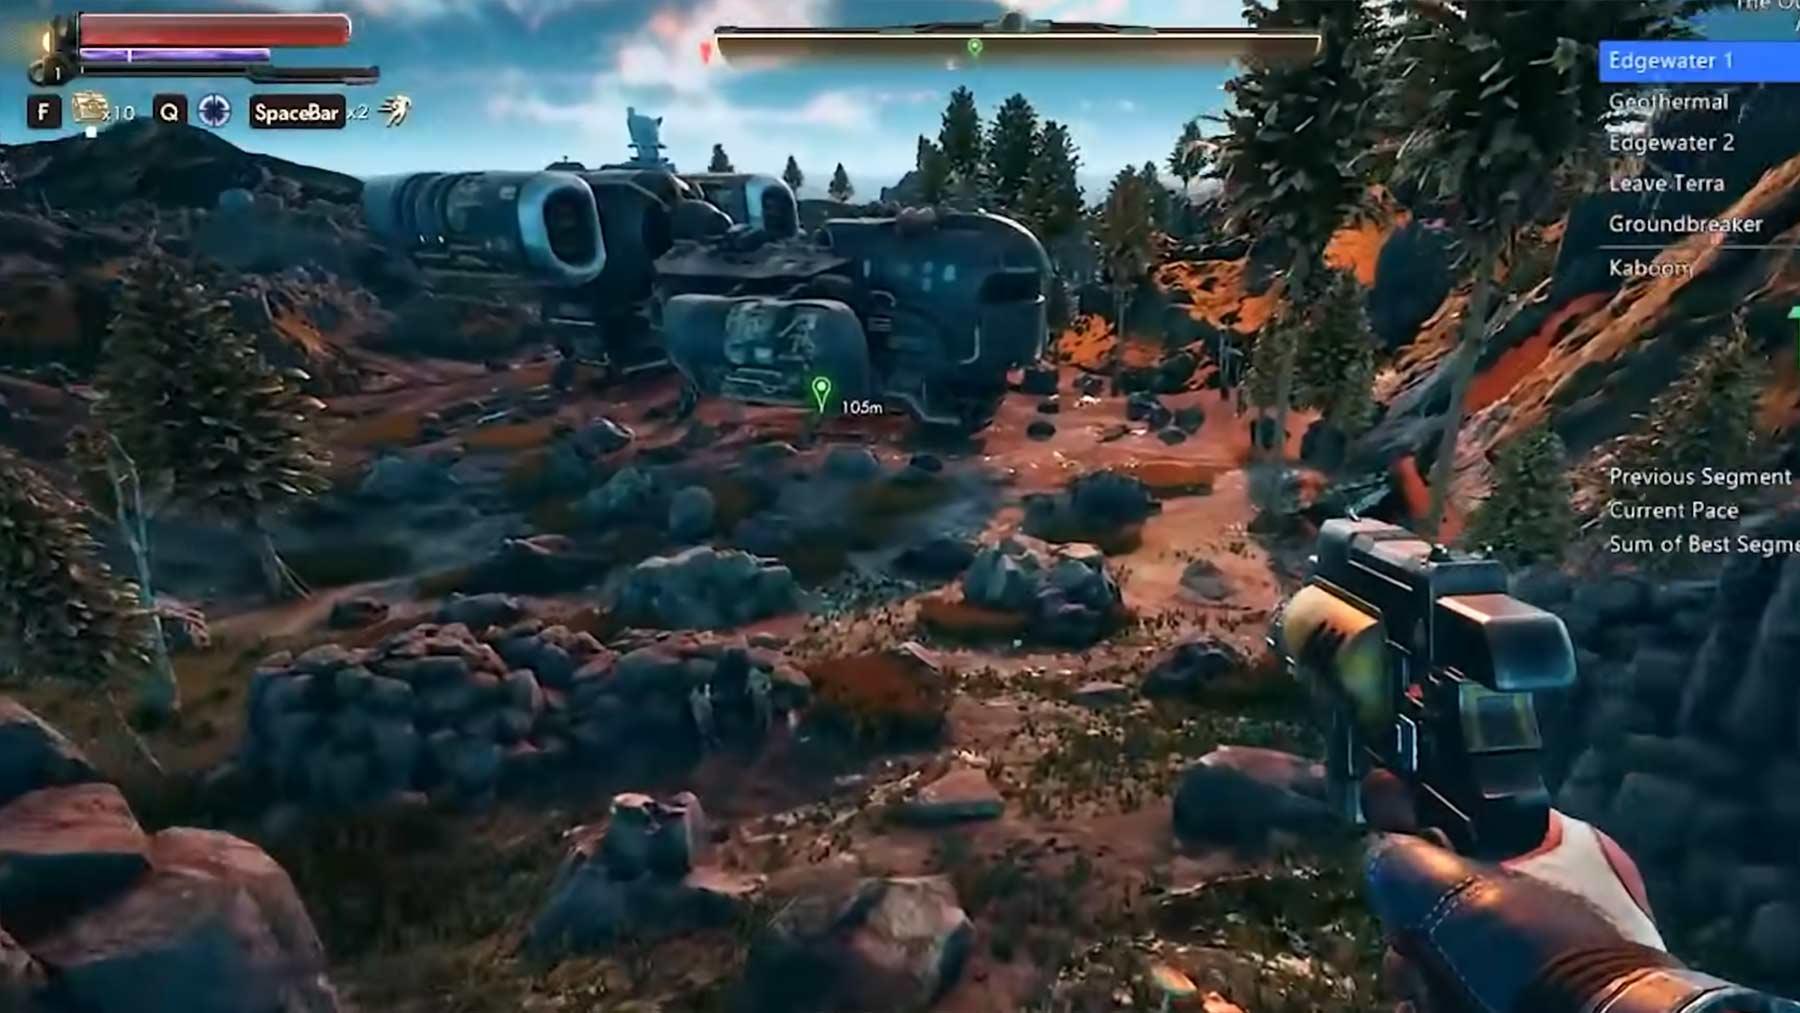 Entwickler kommentieren Speedrun zu ihrem eigenen Spiel The-Outer-Worlds-Developers-React-to-12-Minute-Speedrun